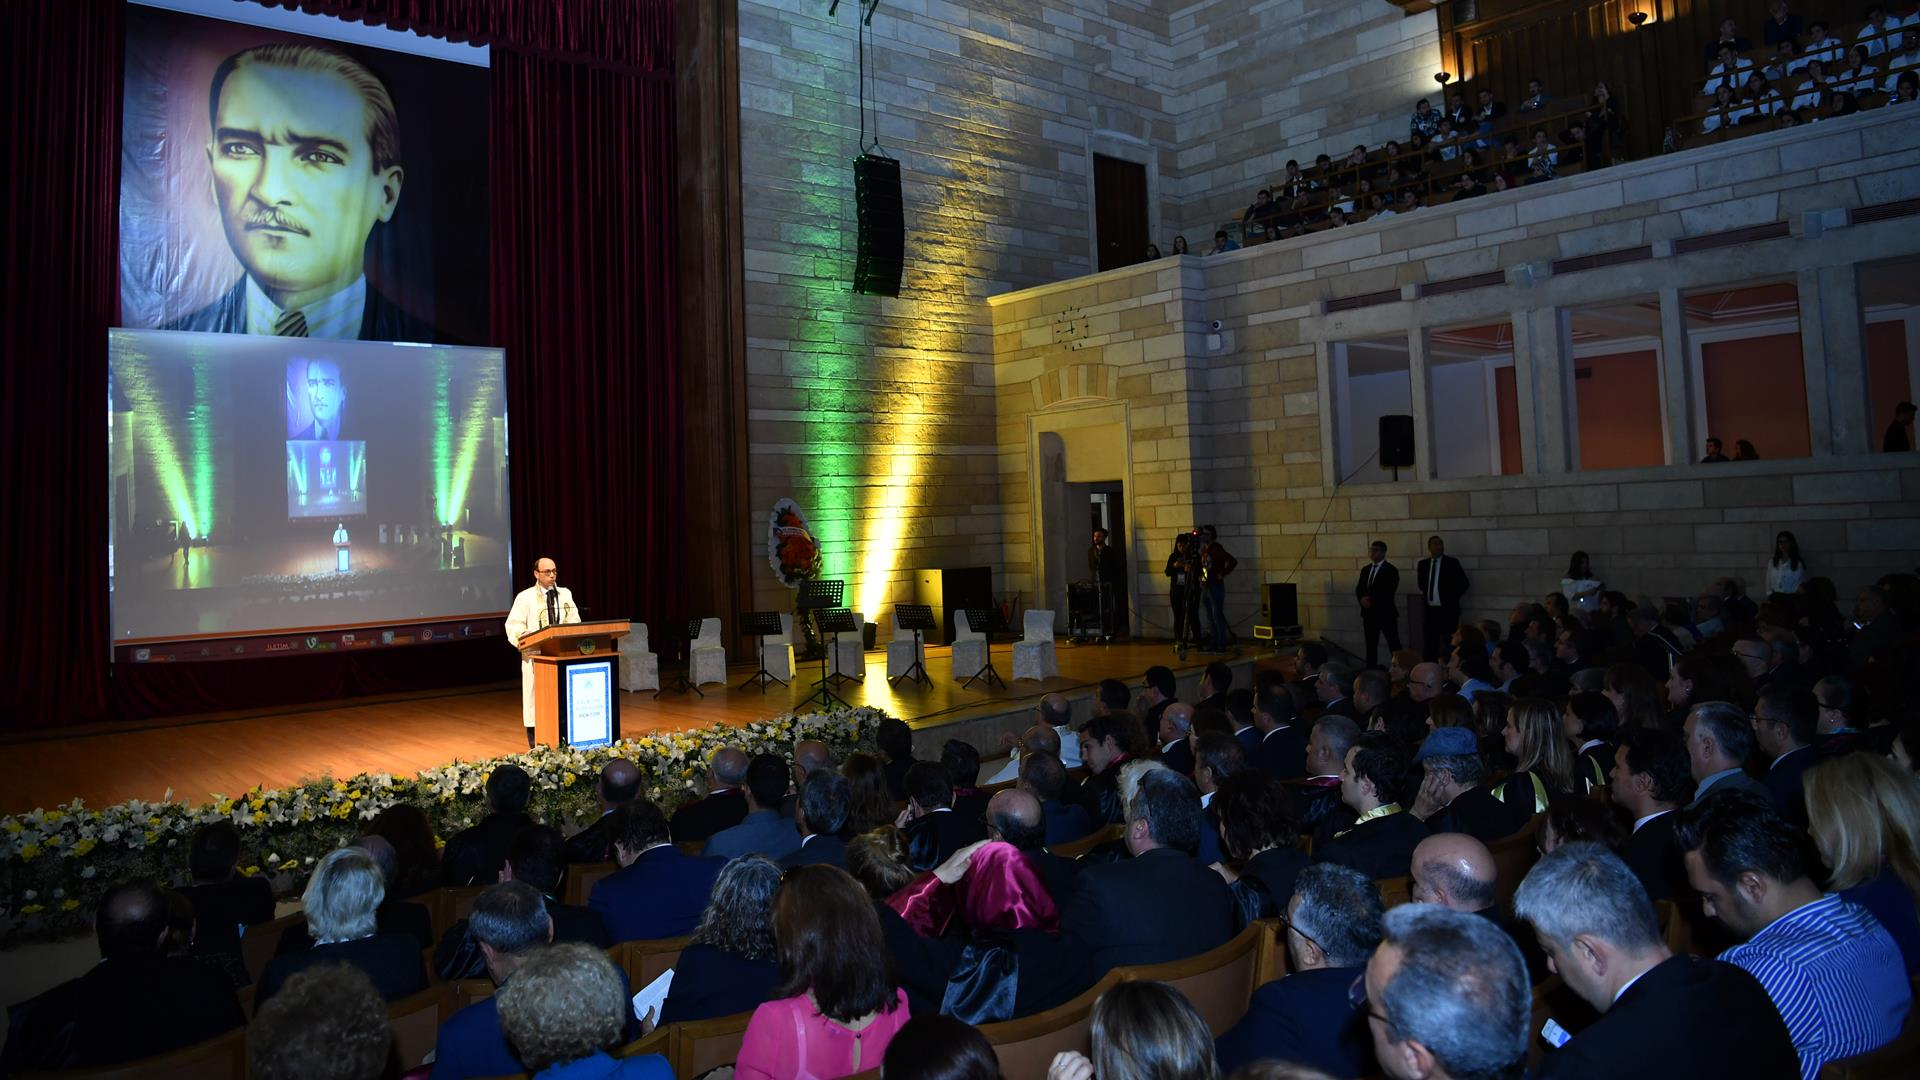 İstanbul-Üniversitesi-Cerrahpaşa-2018-2019-Akademik-Eğitim-Yılı-Açılış-Töreni-Gerçekleştirildi